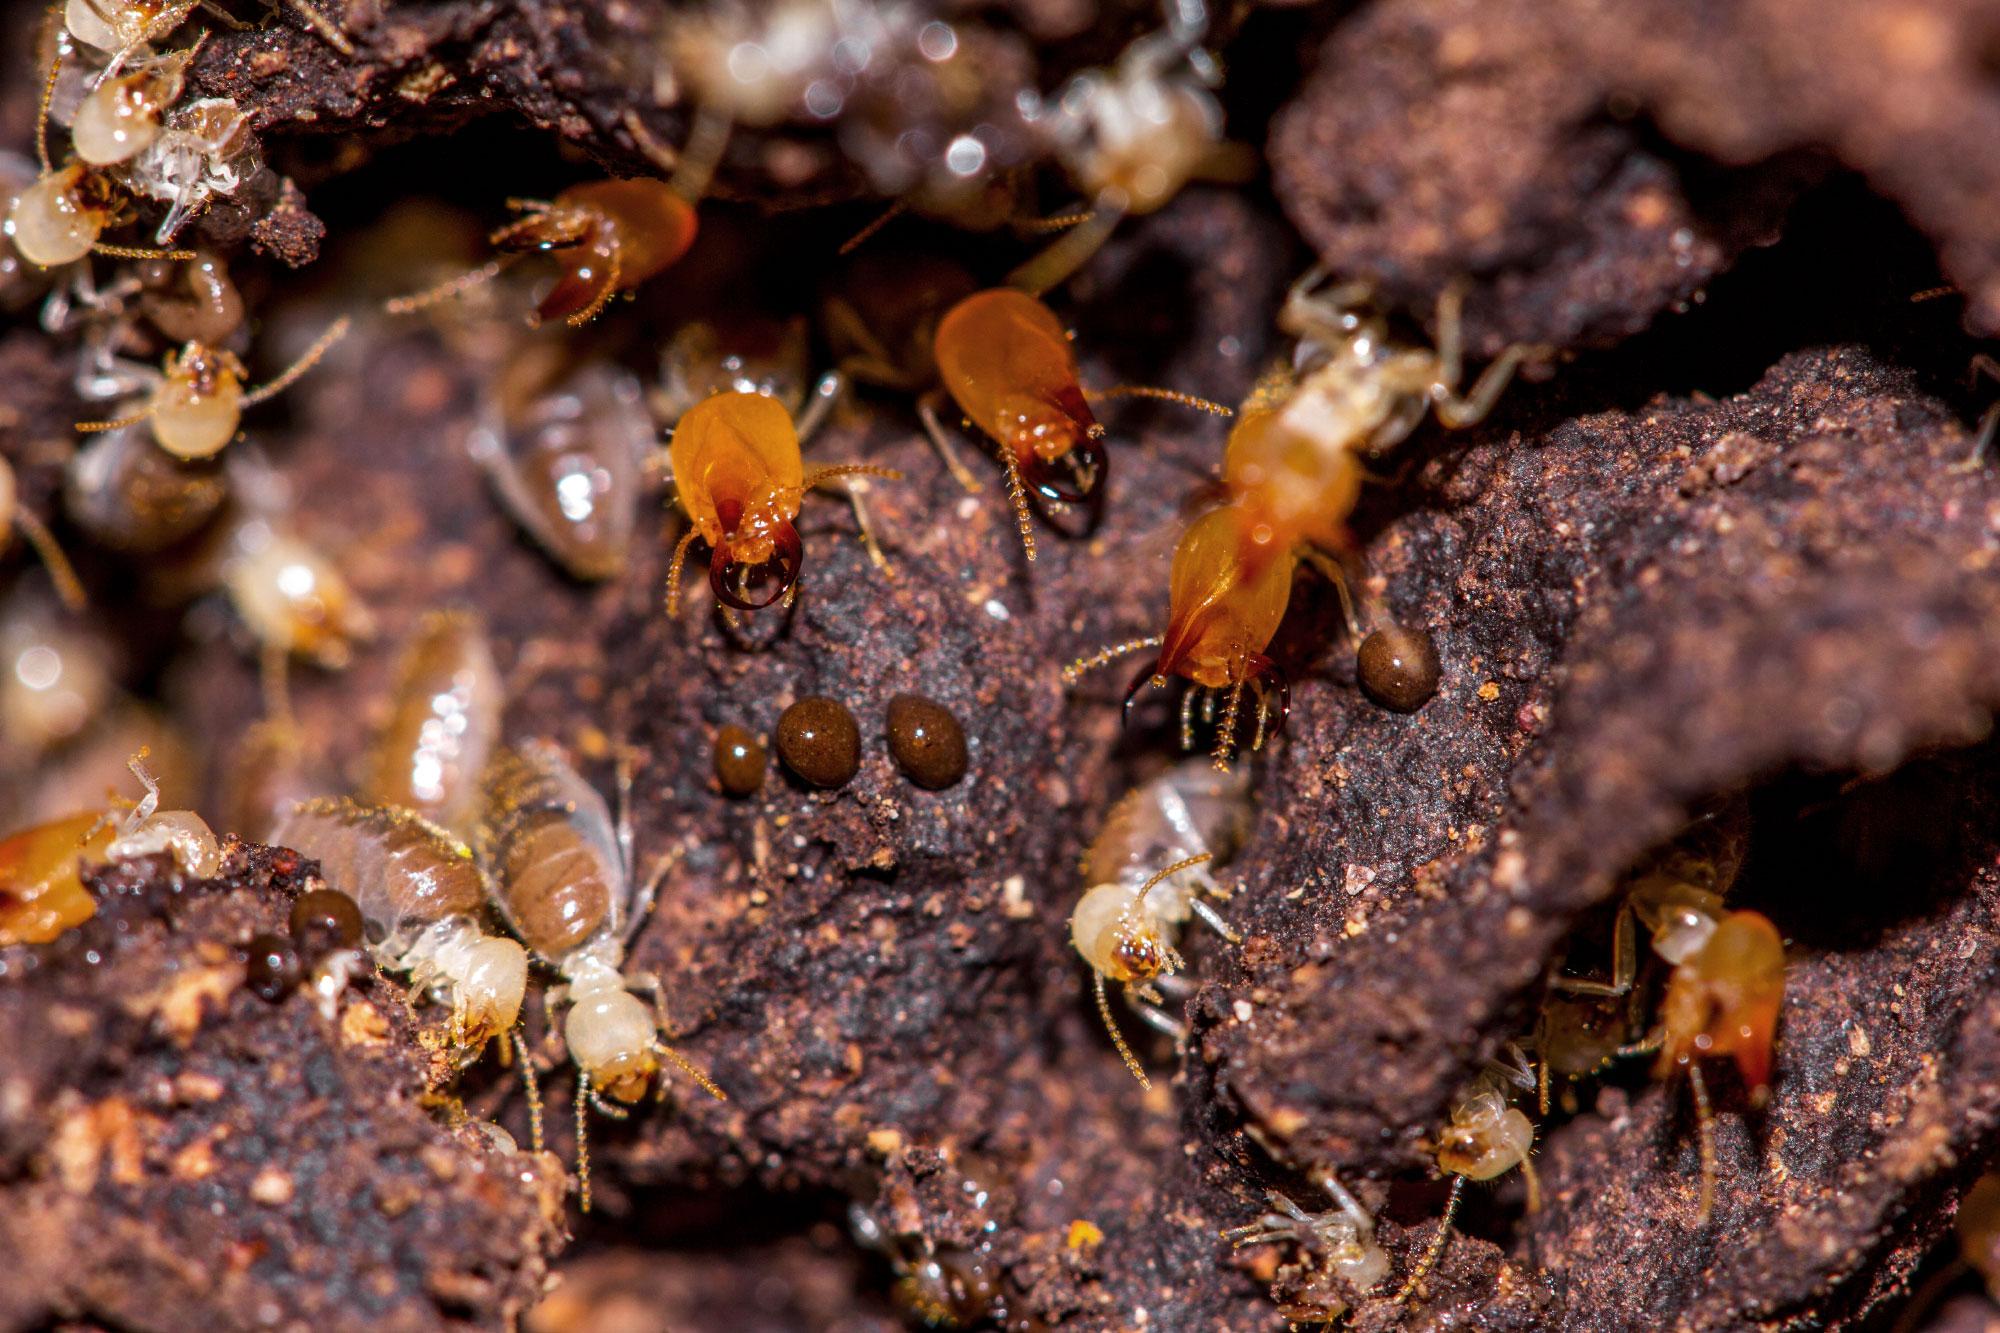 Термиты стали эусоциальными на50 миллионов лет раньше, чем муравьи, пчёлы иосы. Недавние исследования показали, что, по-видимому, социальное развитие всех этих насекомых шло по сходным путям, несмотря насущественные биологические различия между термитами, содной стороны, имуравьями, пчёлами иосами— сдругой.